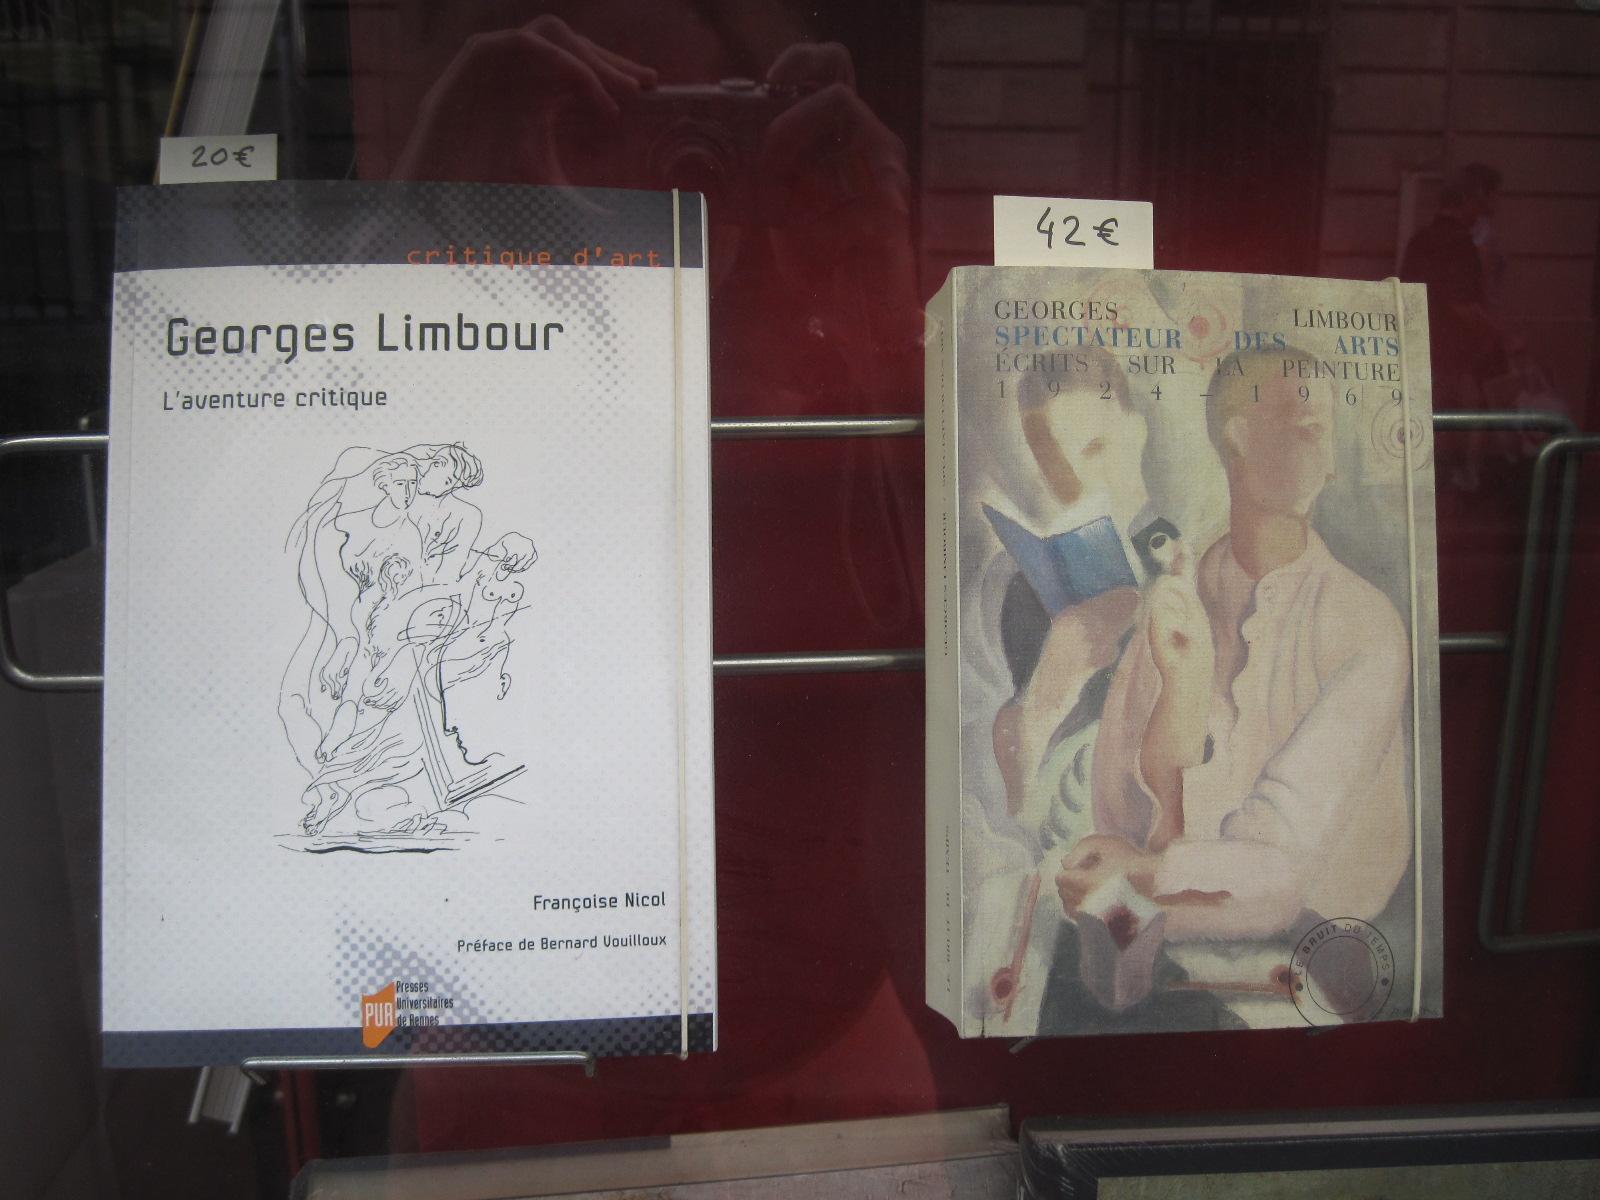 Dans la vitrine de La librairie, La Porte étroite, 10 rue Bonaparte, à Paris, 2014